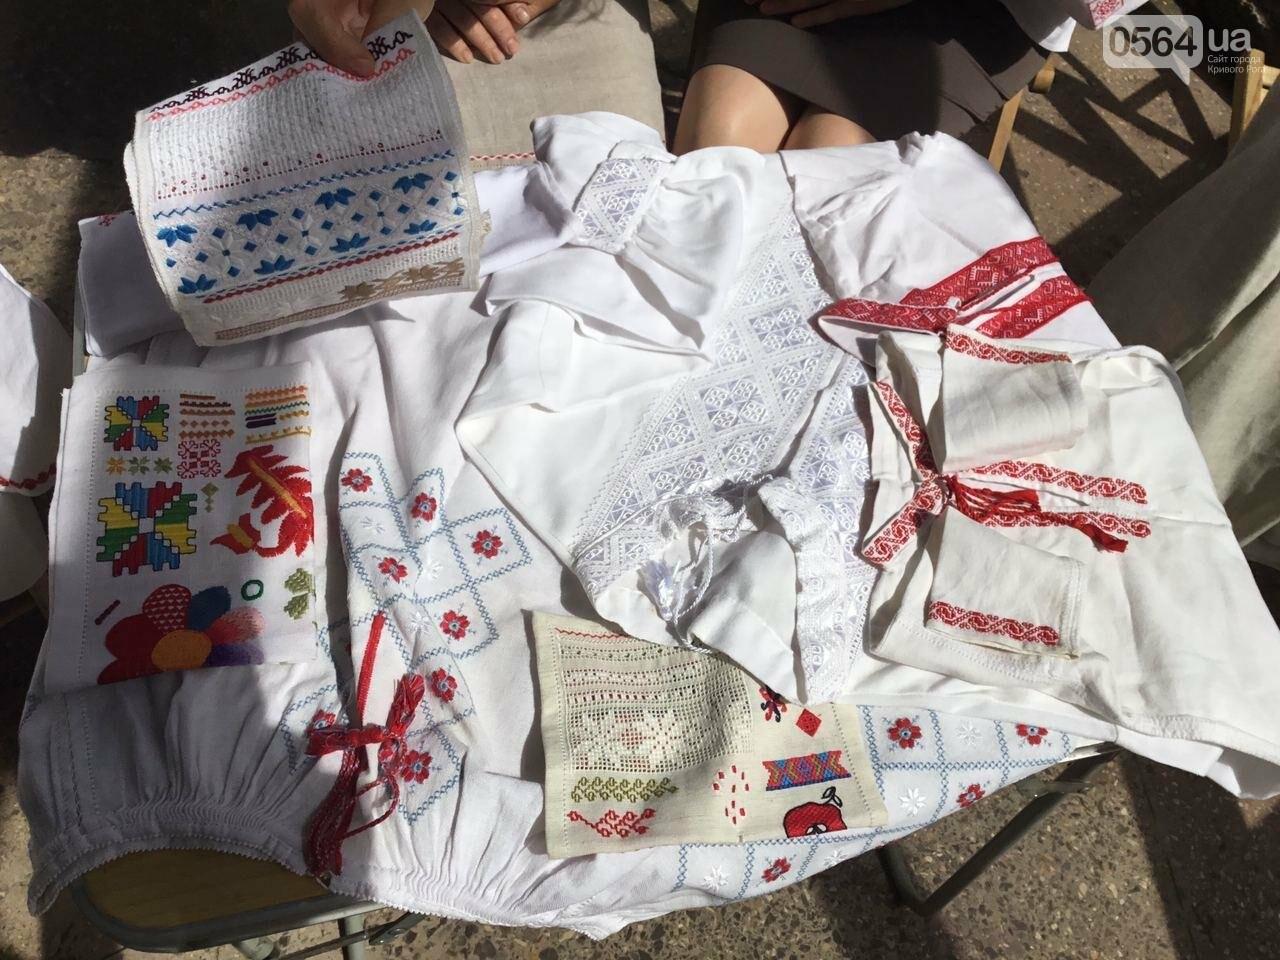 Криворожские вышивальщицы готовят сюрприз для родного города, - ФОТО, ВИДЕО, фото-3